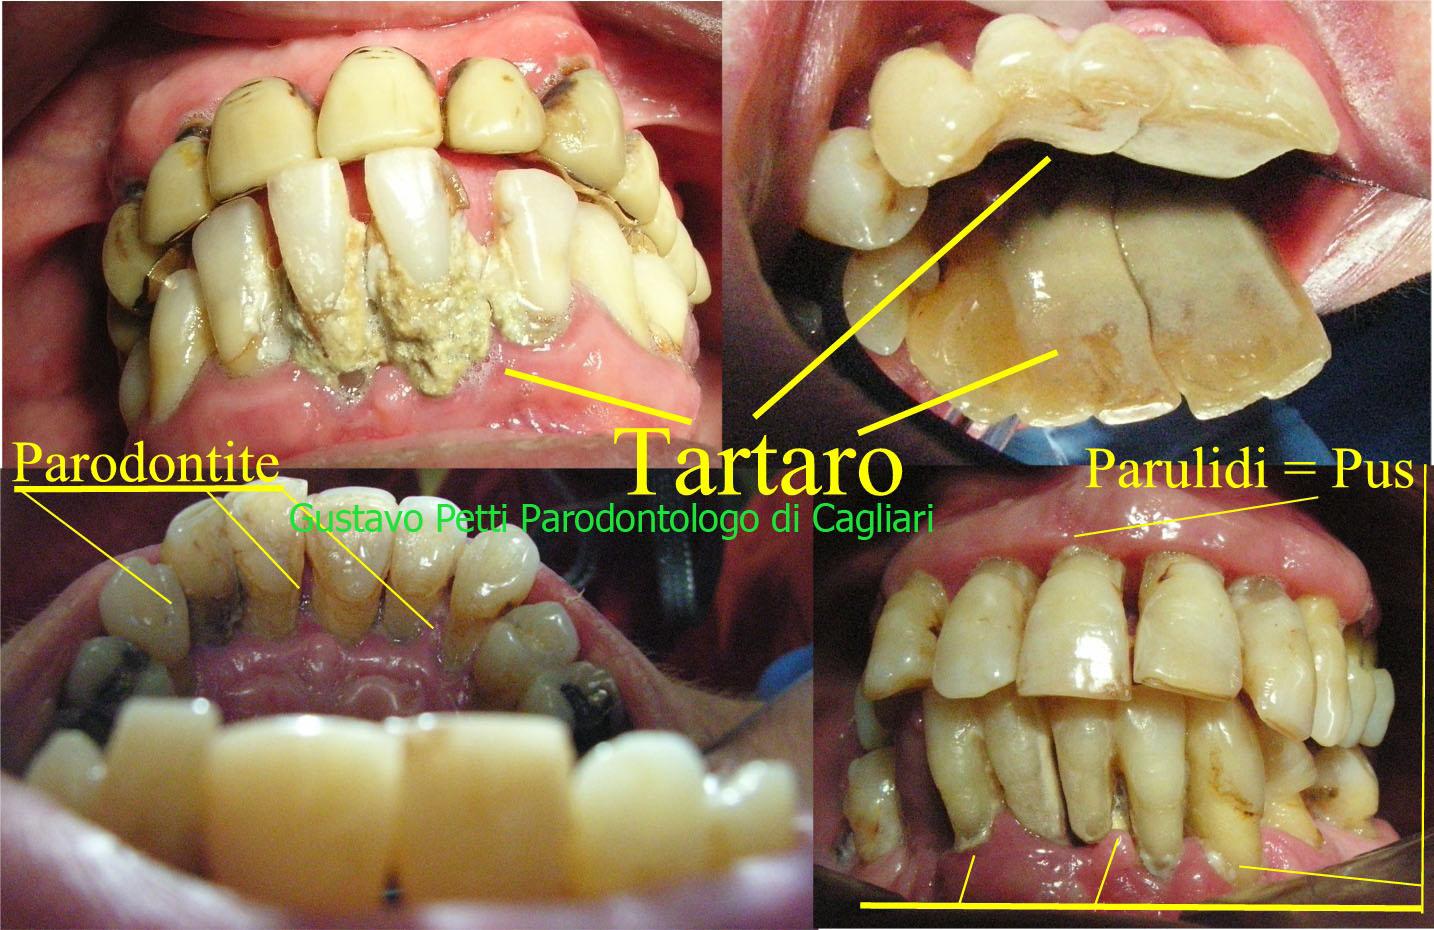 tartaro-in-parodontite-dr.g.petti-cagliari.jpg